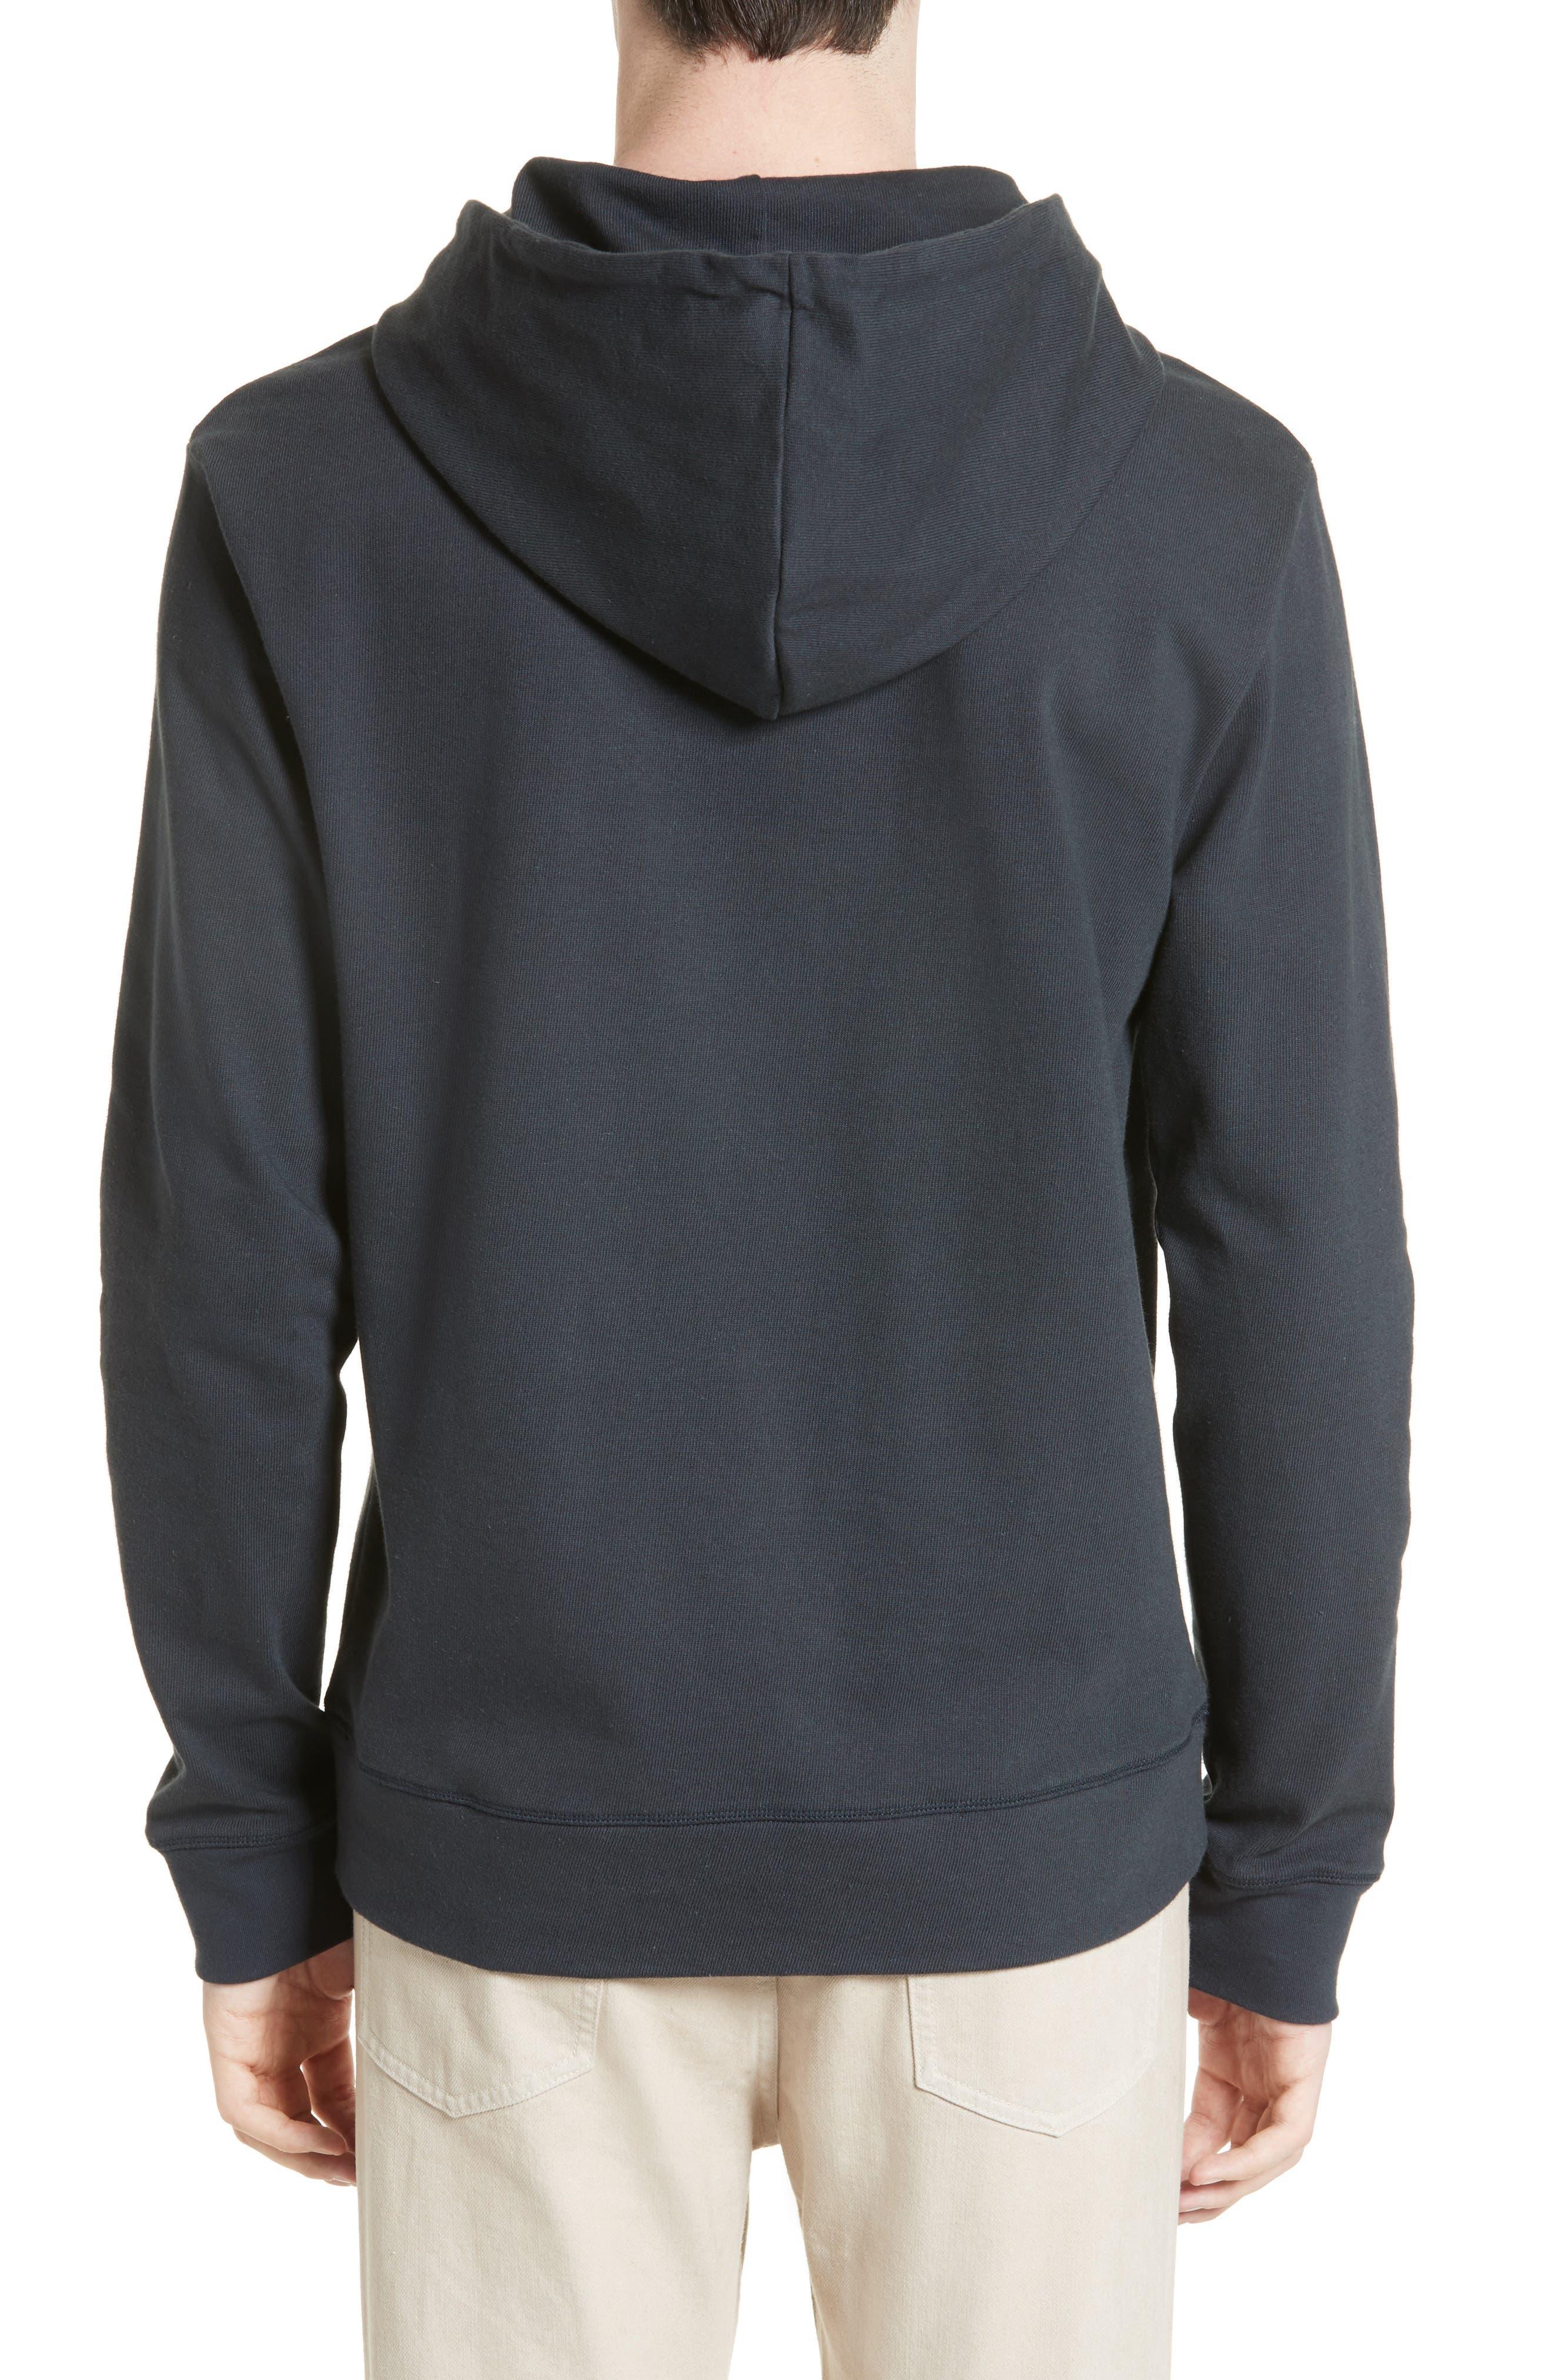 Brody Hooded Sweatshirt,                             Alternate thumbnail 2, color,                             Grey